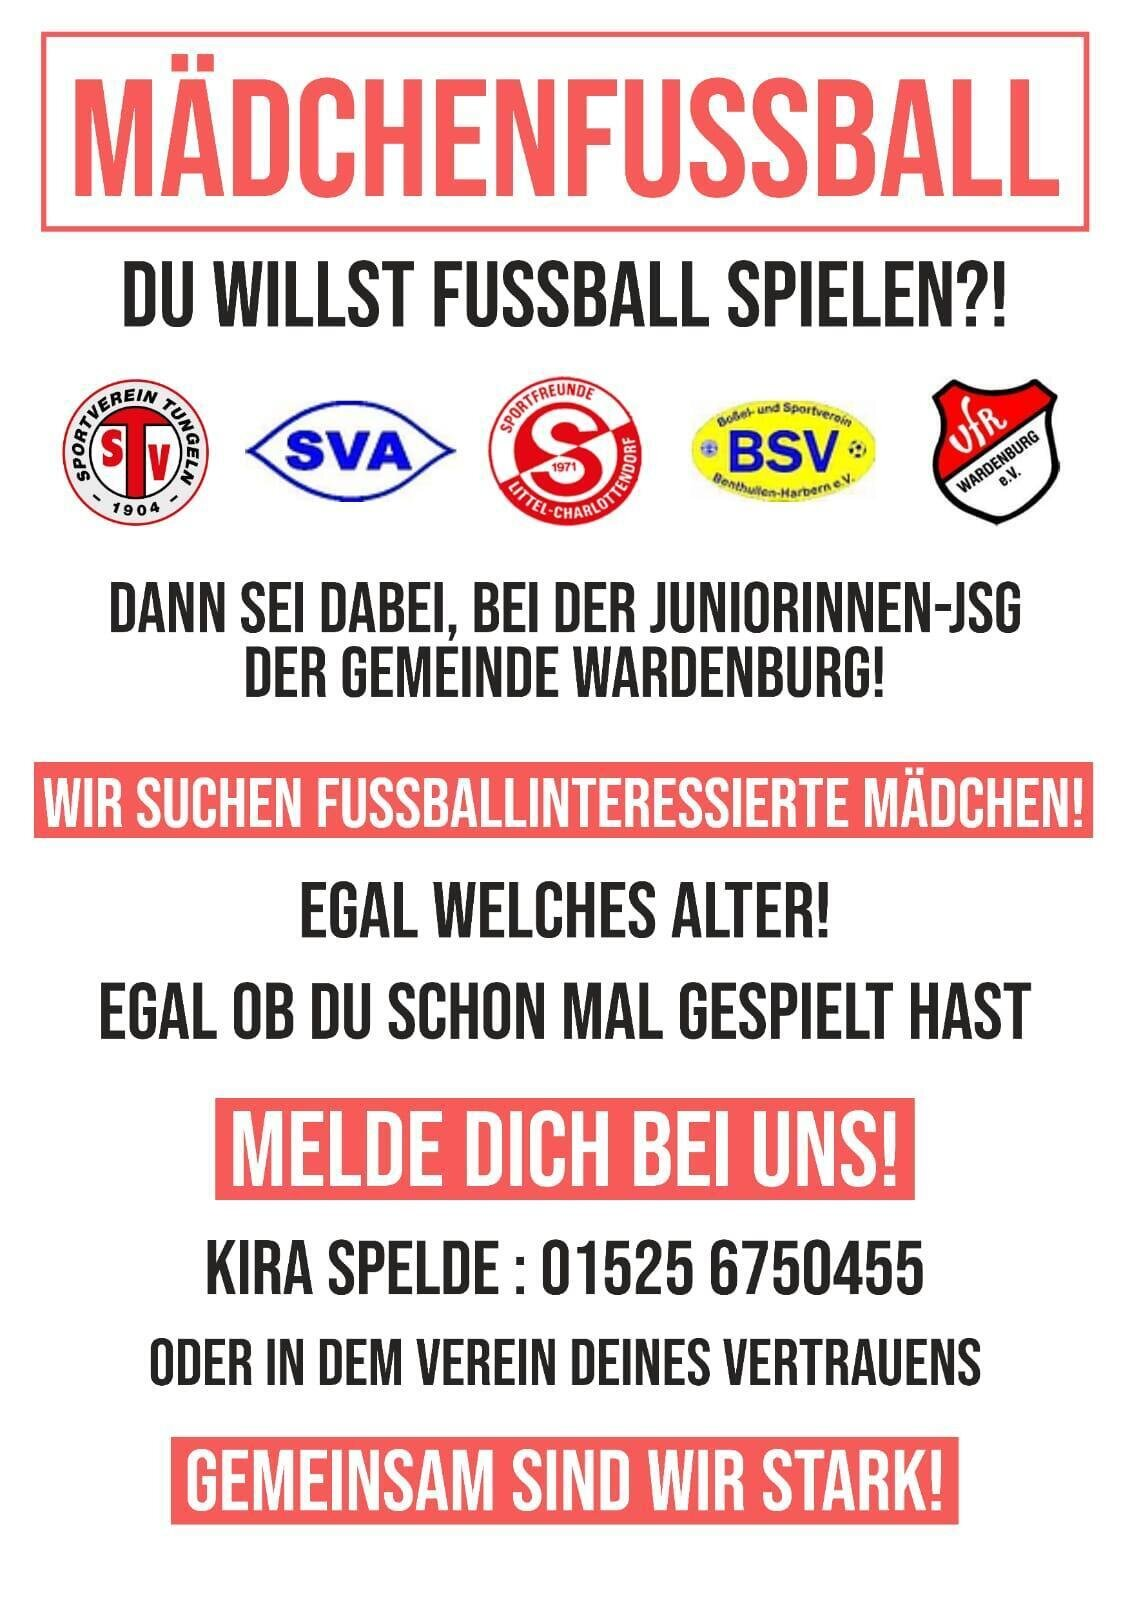 JSG Wardenburg Mädchenmannschaft